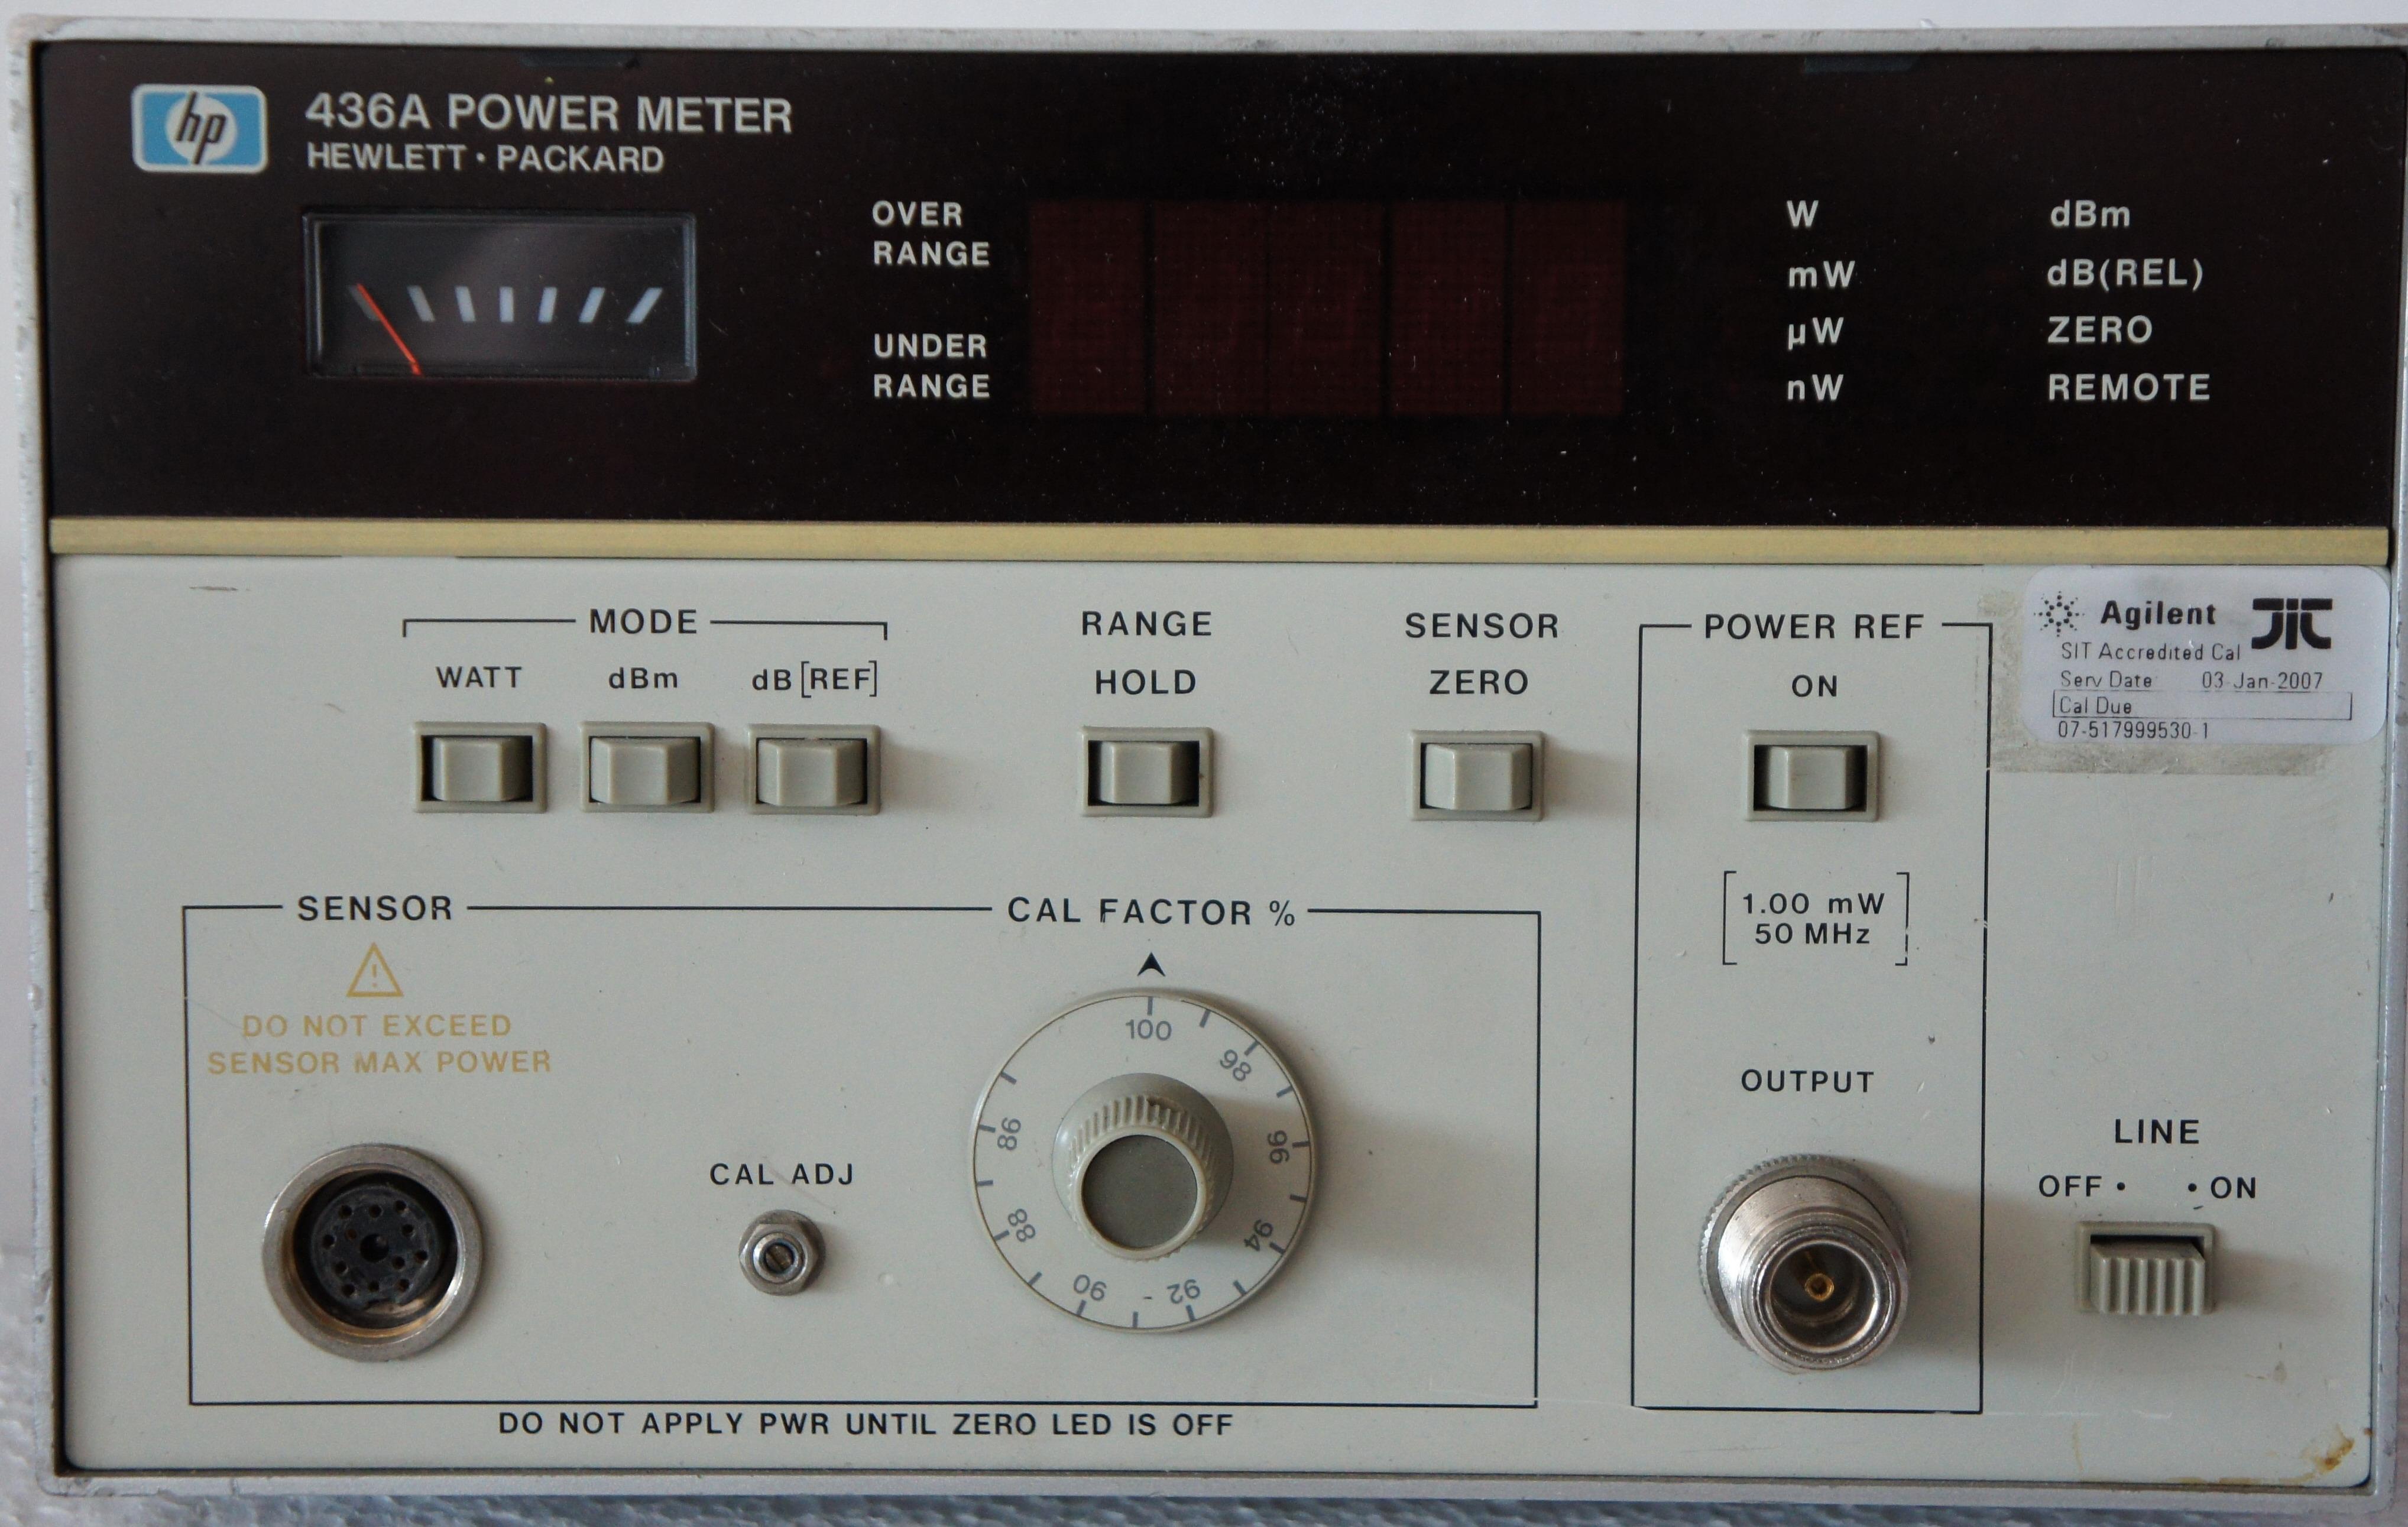 hp 437b power meter service manual